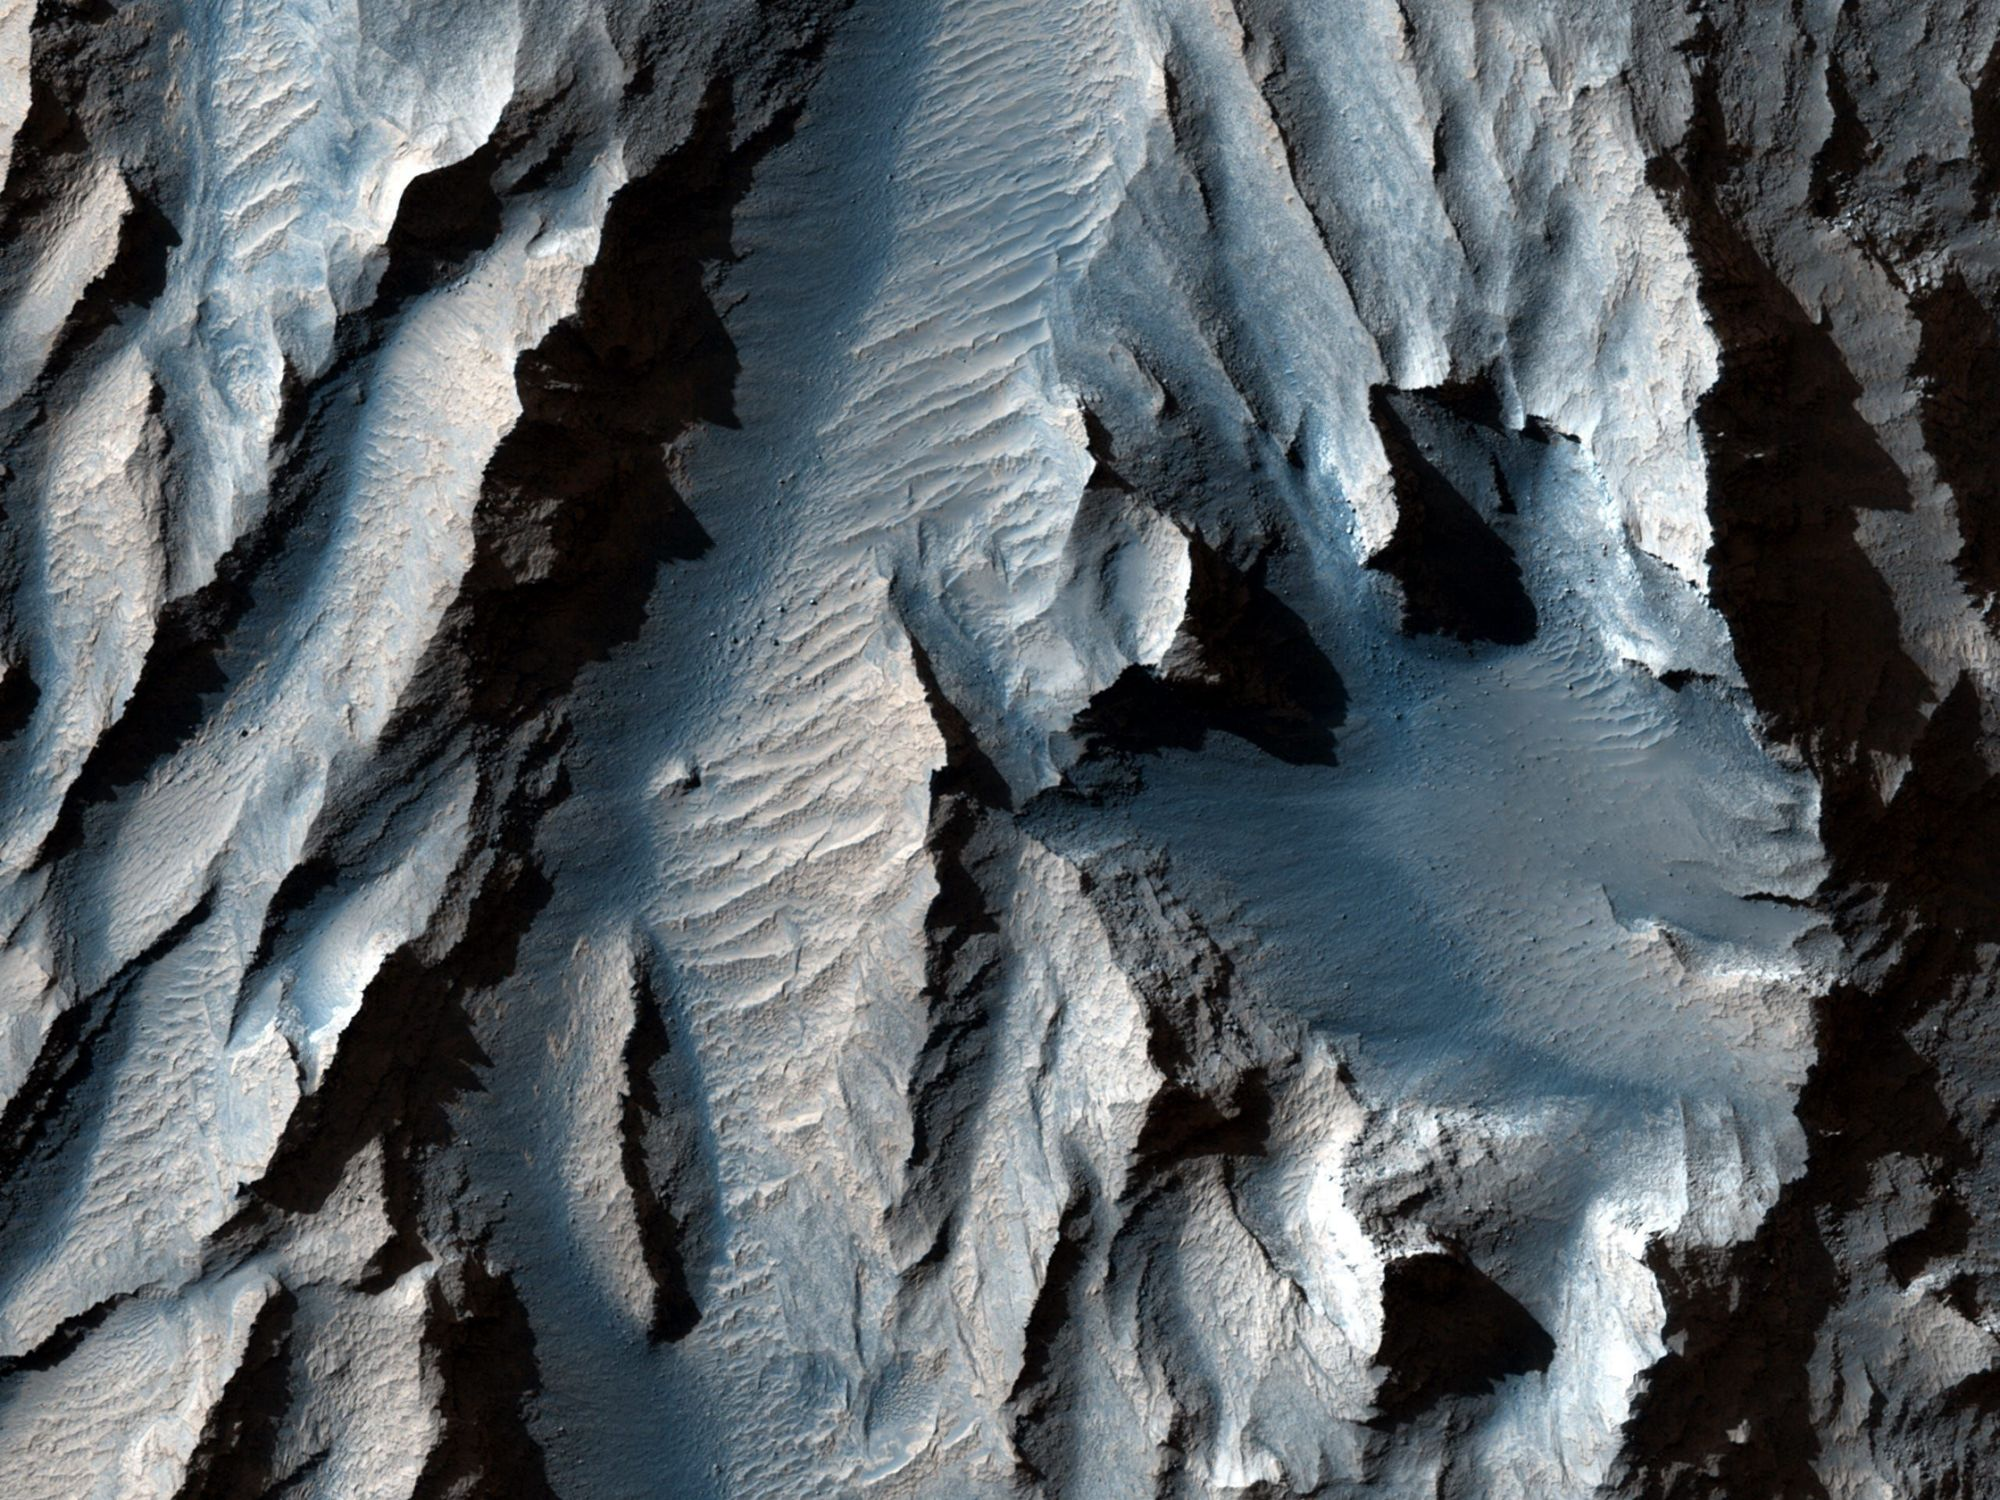 La NASA afferma che le nuove immagini rivelano un'enorme valle su Marte, la più grande del sistema solare